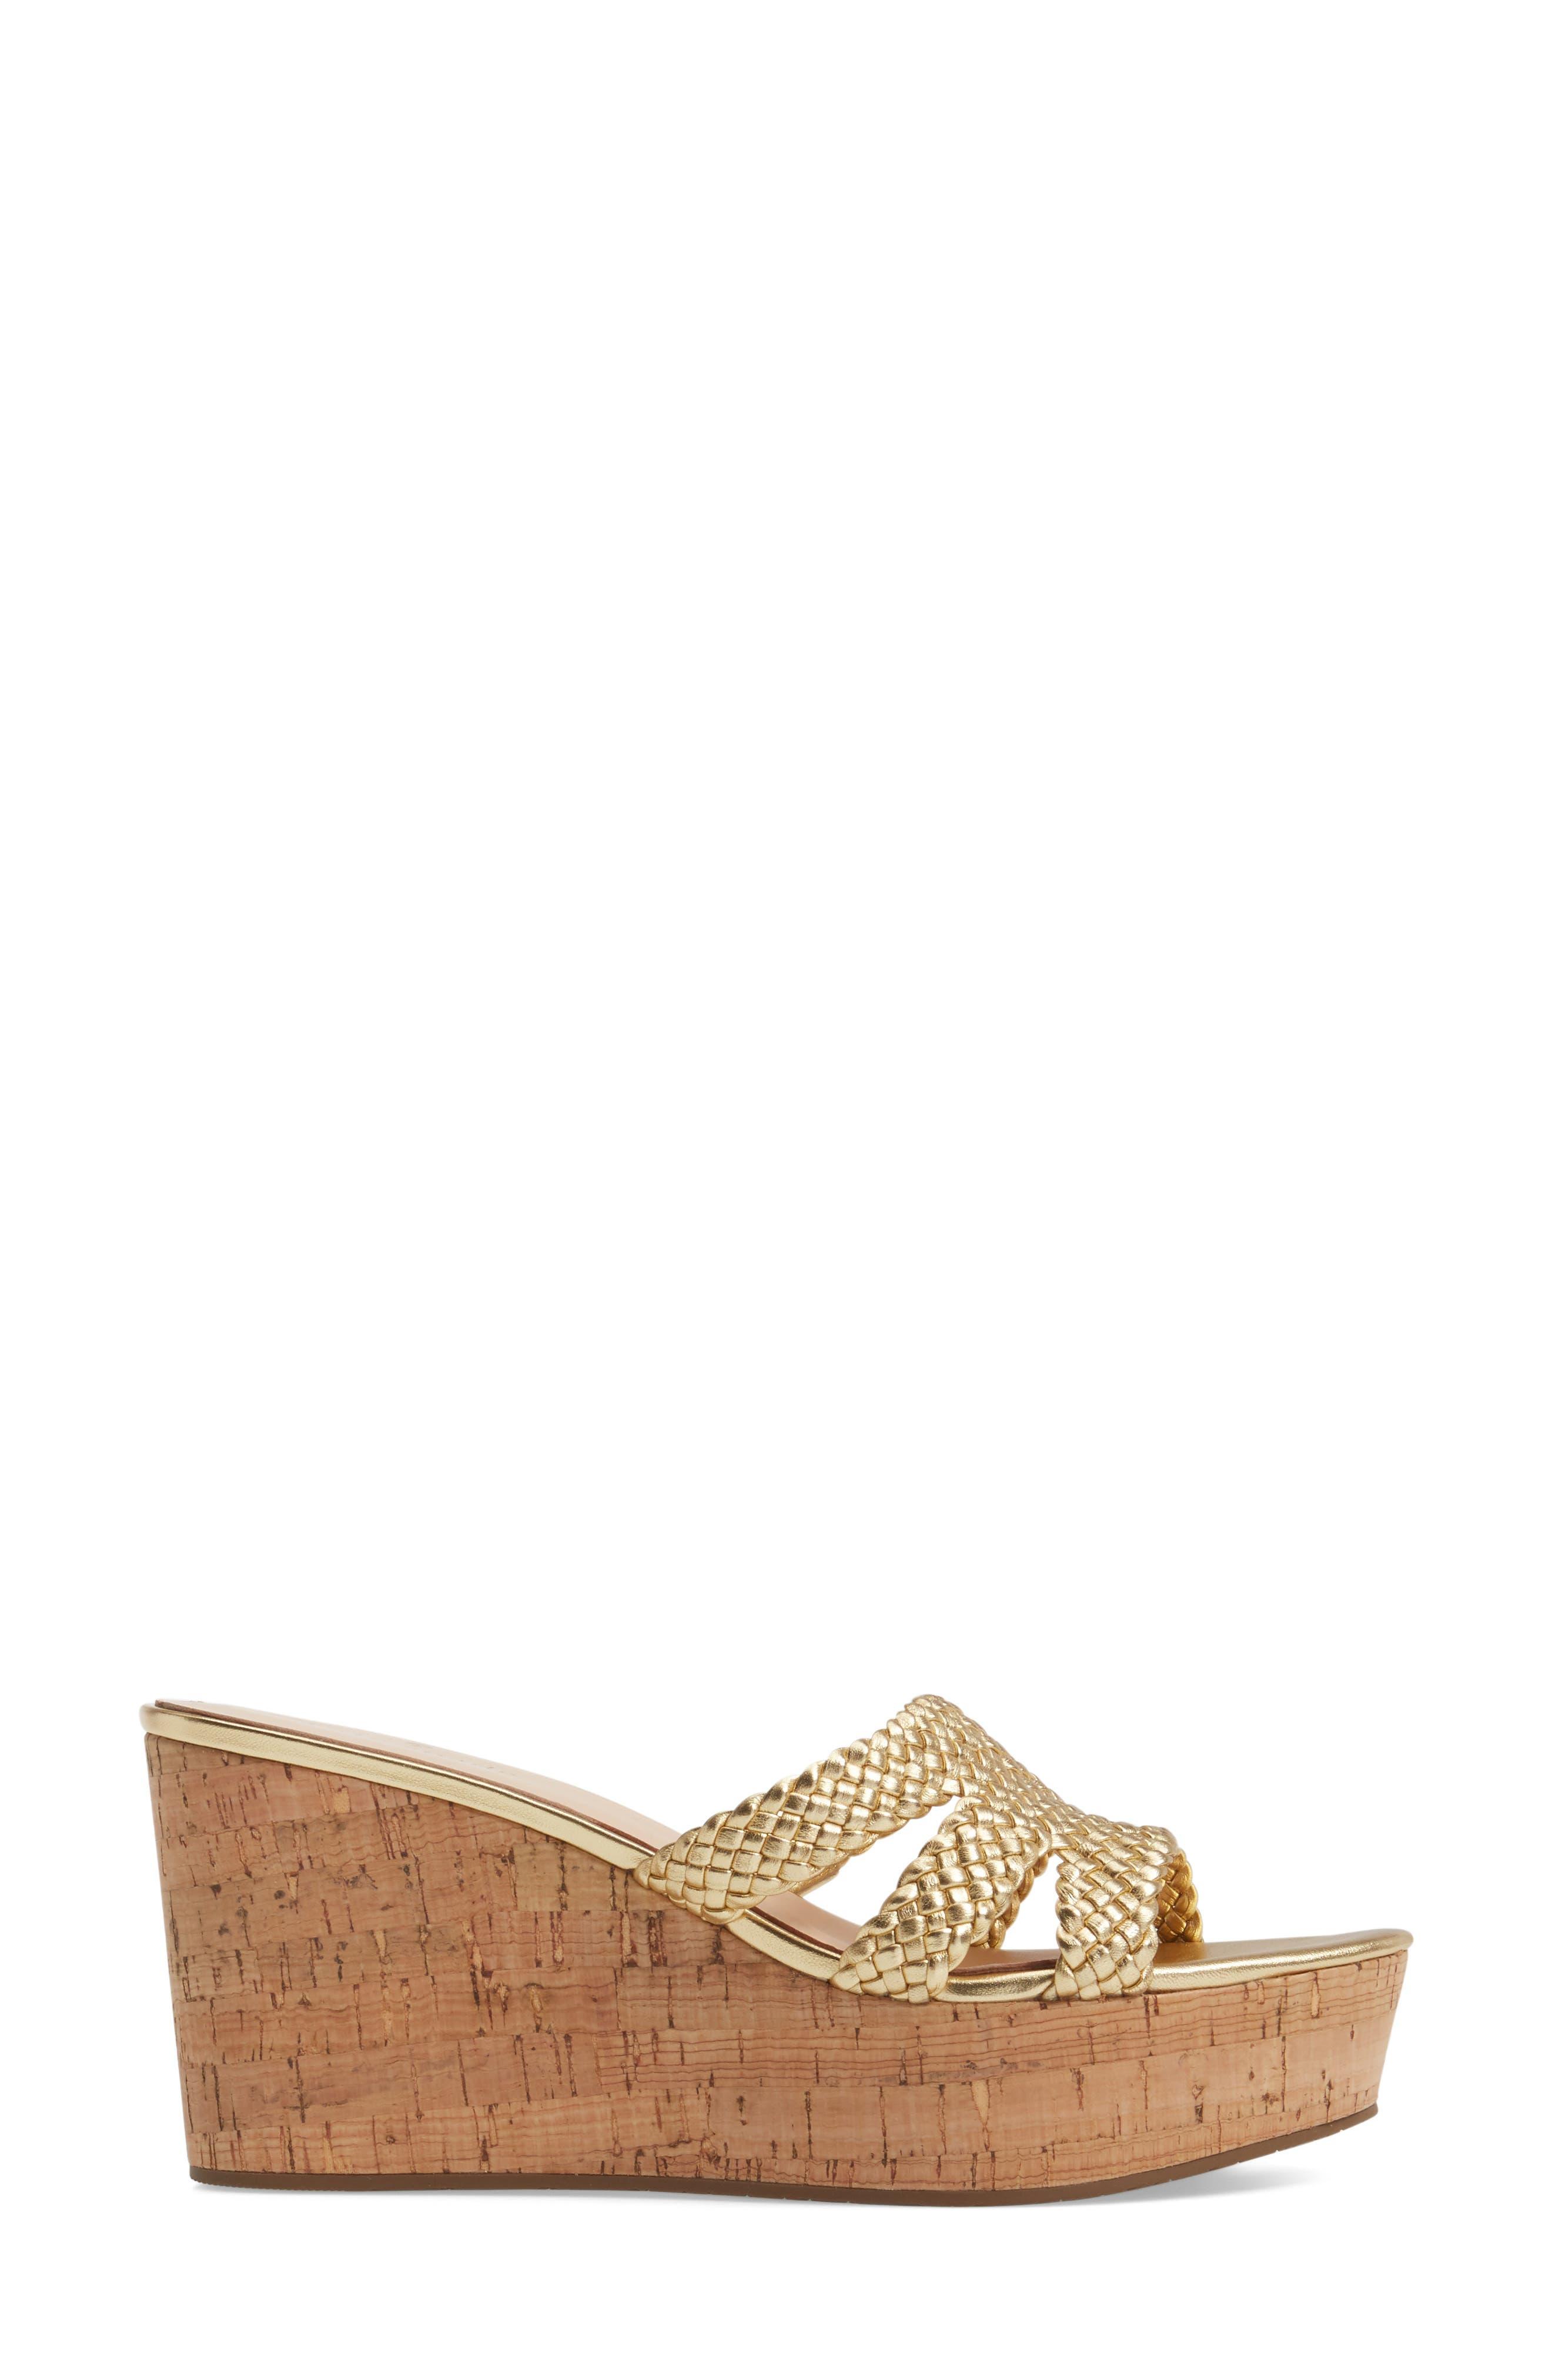 Alternate Image 3  - kate spade new york tarvela wedge sandal (Women)